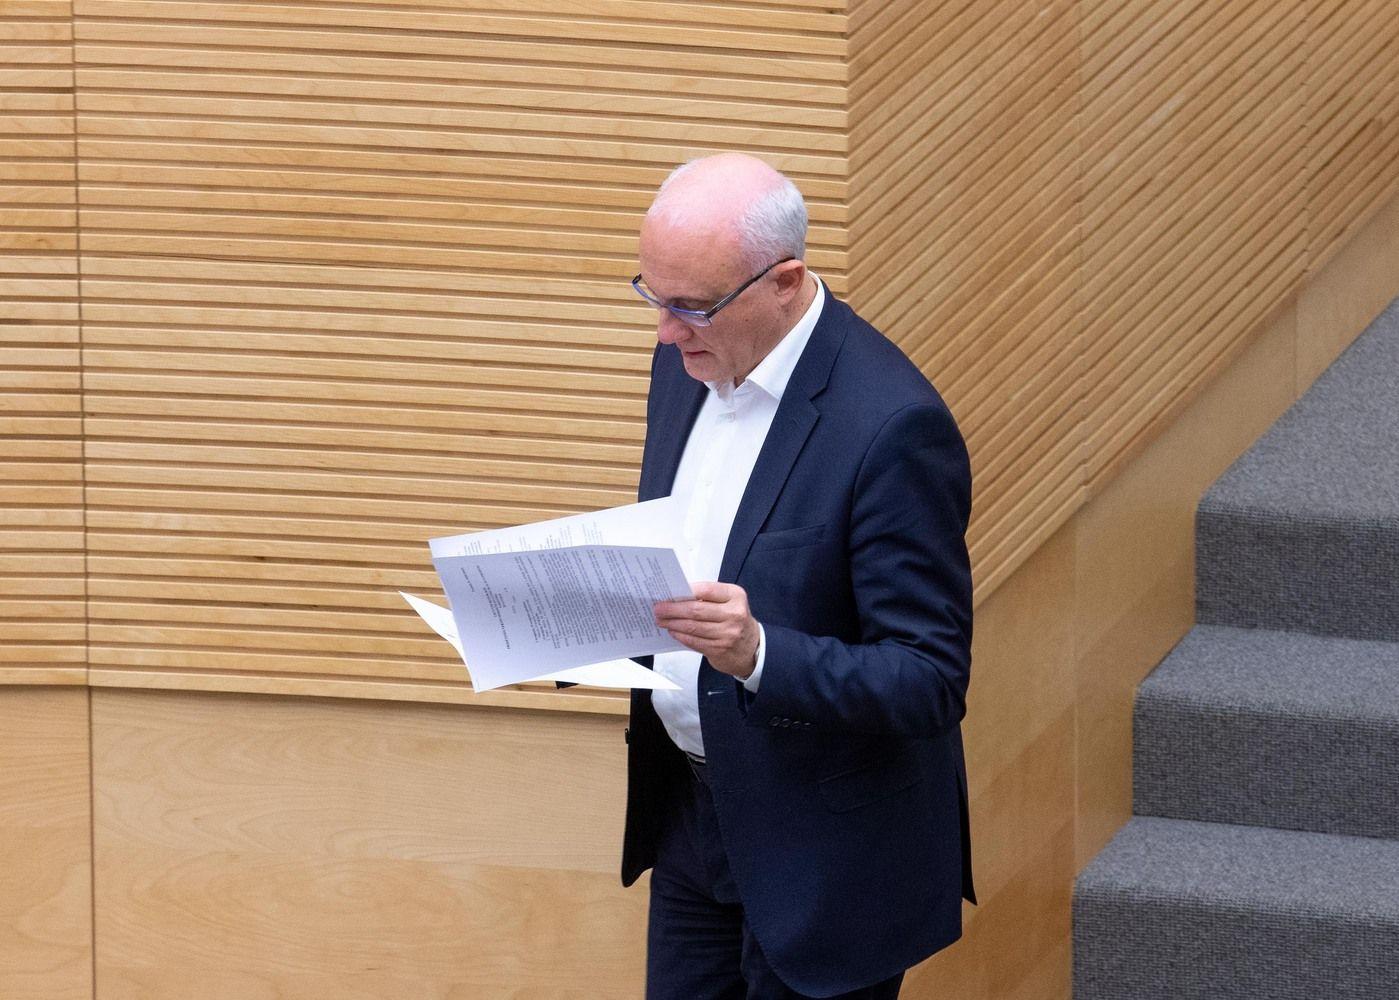 LB priešinasi idėjai daugiau skolinti fiksuotomis palūkanomis